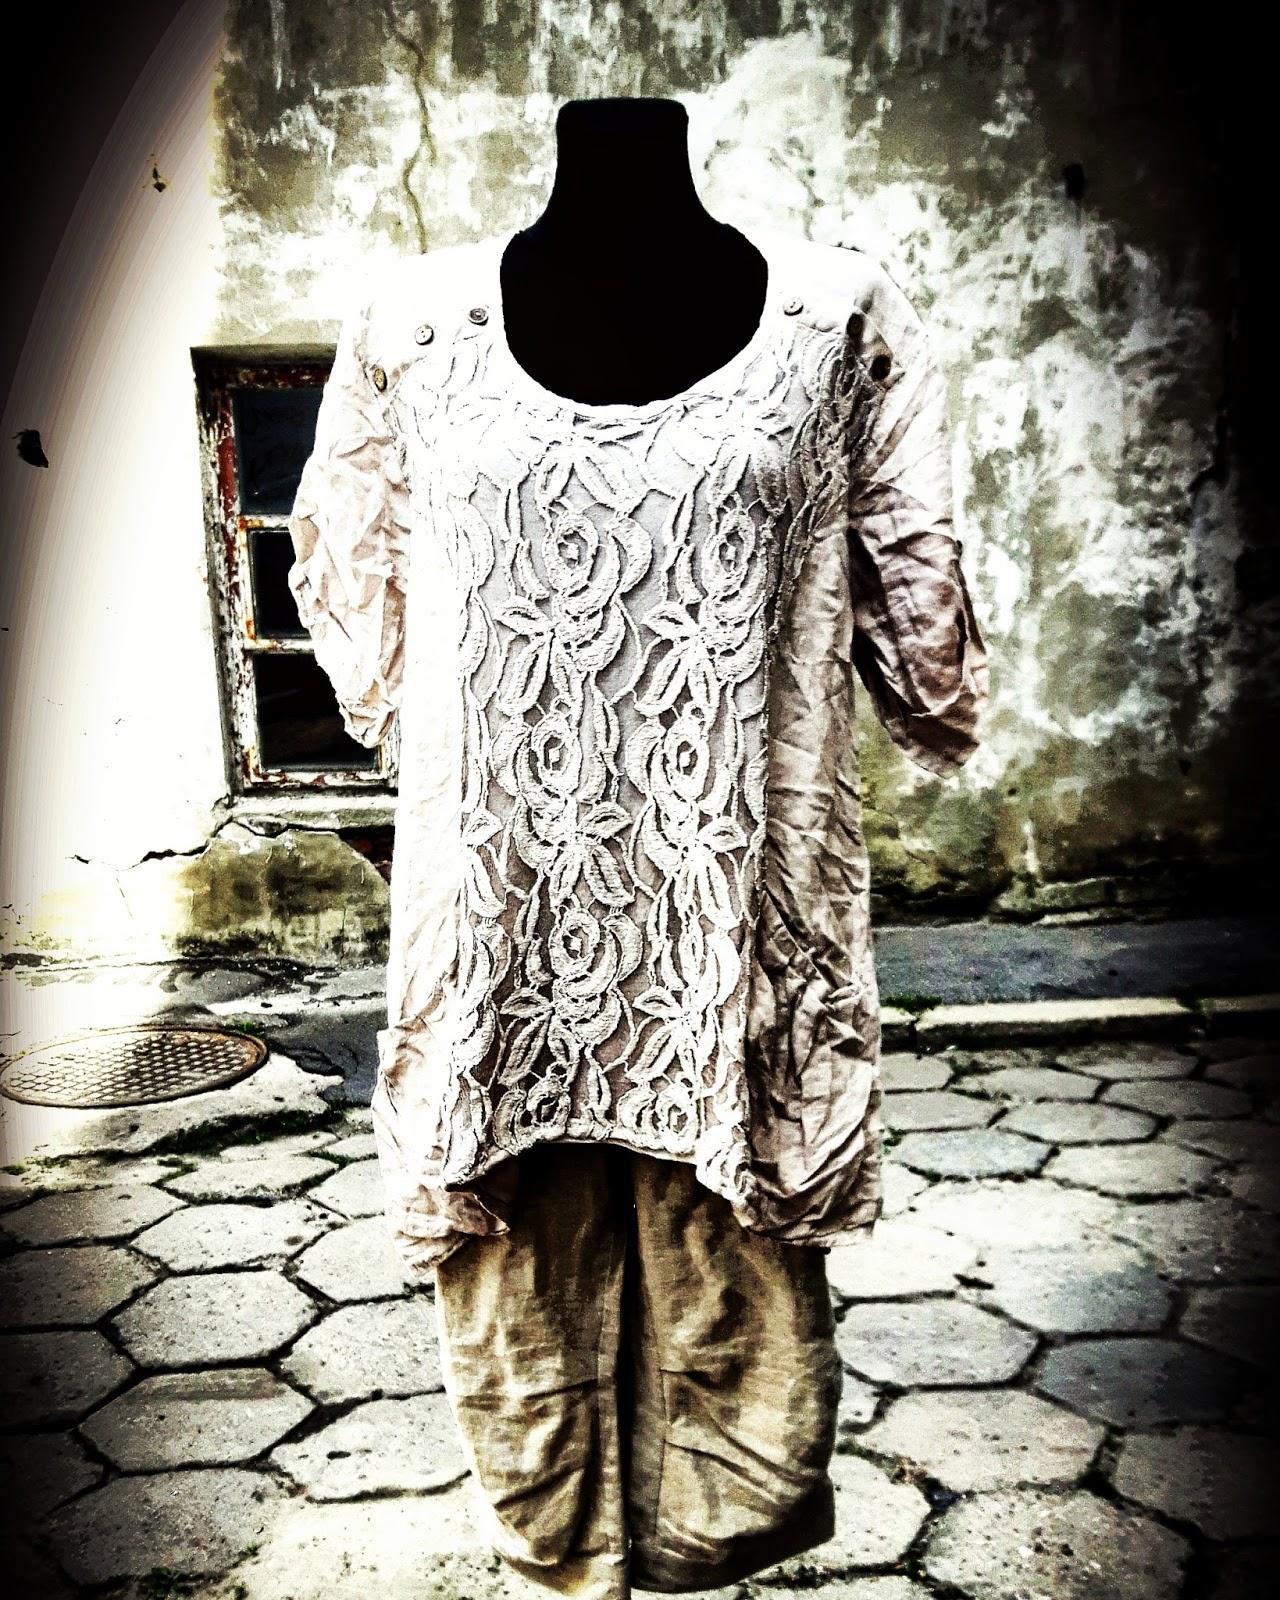 4bdde23ff4 Włoskie bluzki sukienki tuniki lublin secondhands moda styl look sklep  Narutowicza 18